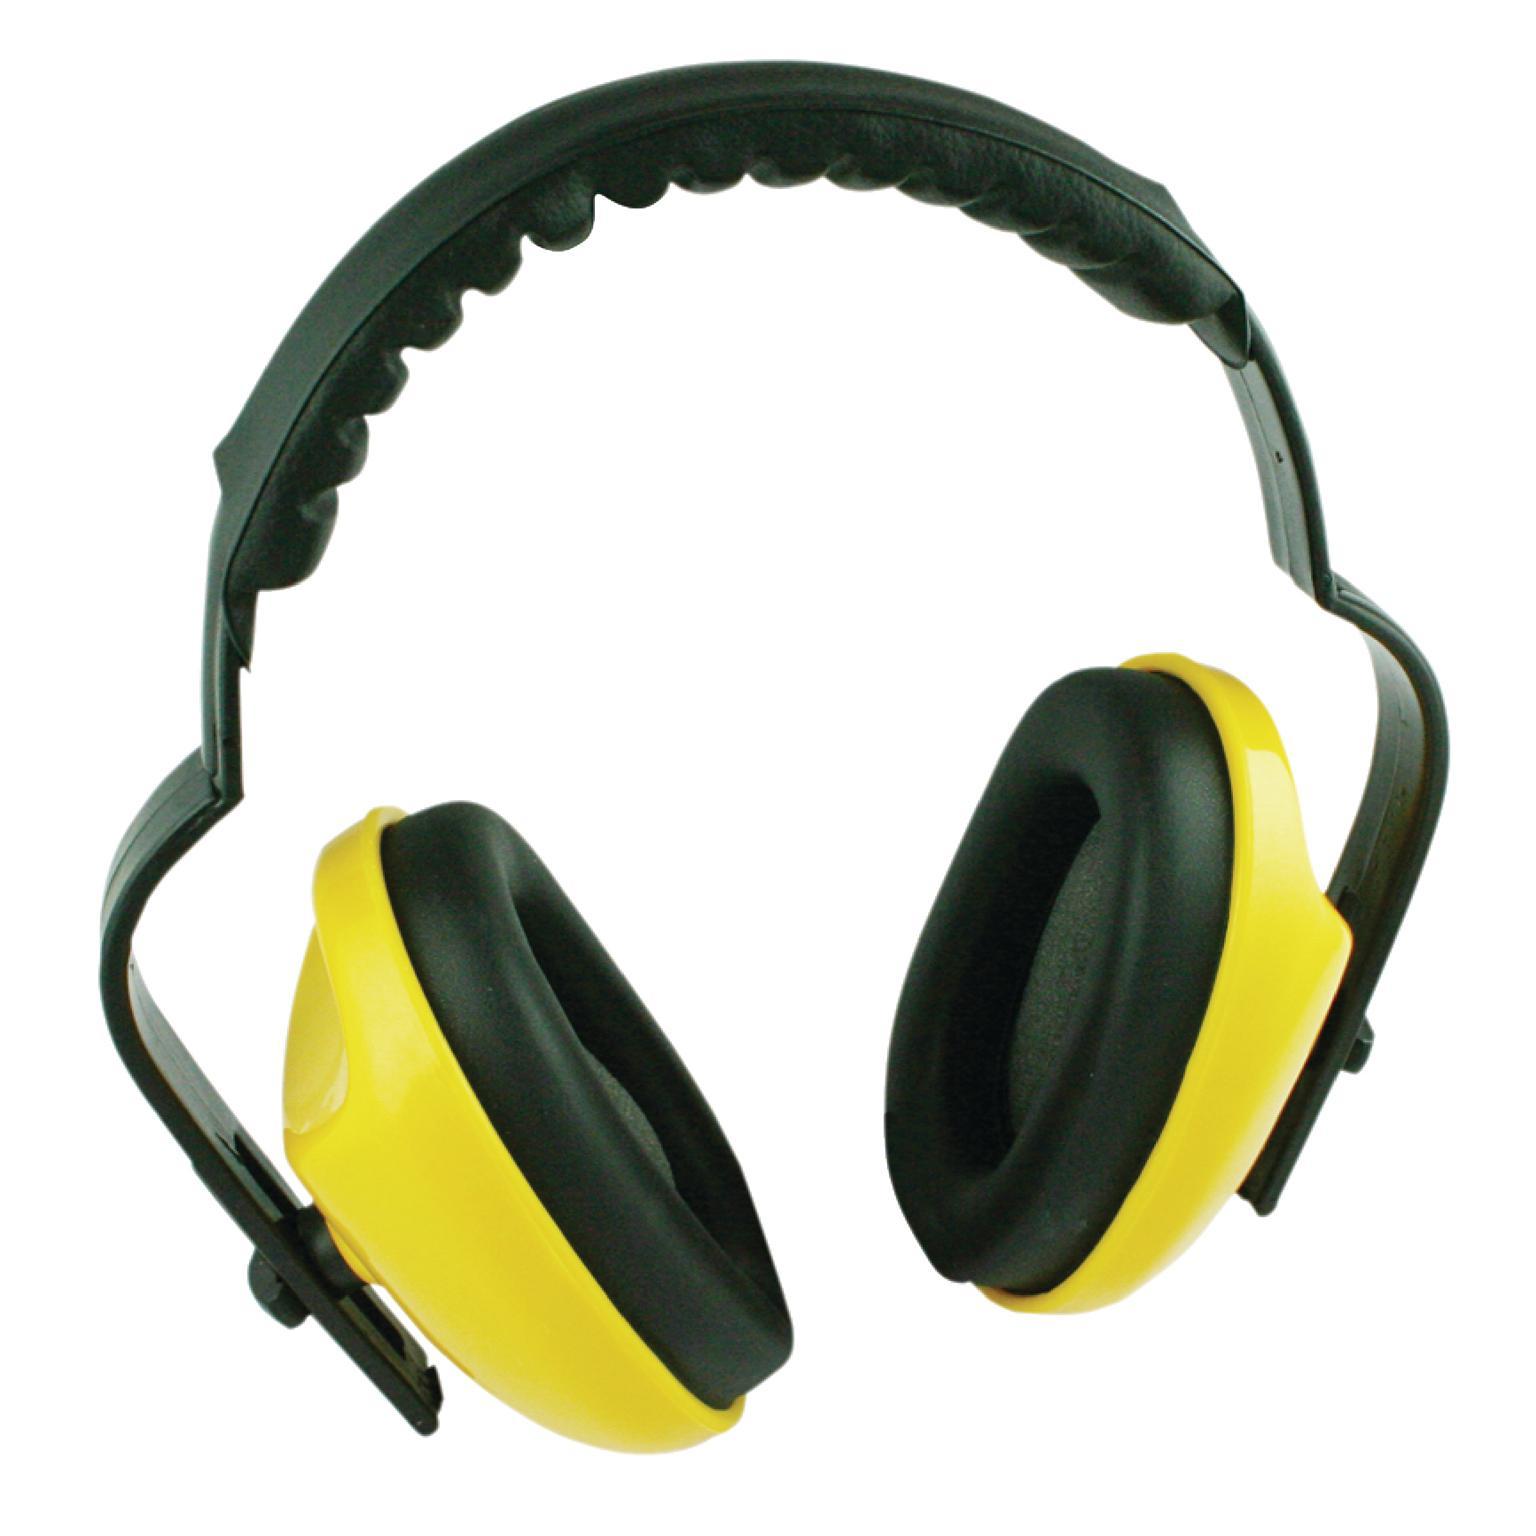 GEHOORBESCHERMERS Met verstelbare hoofdband, voorkom lawaaidoofheid met deze standaard opvouwbare gehoorbeschermers. 23 dB